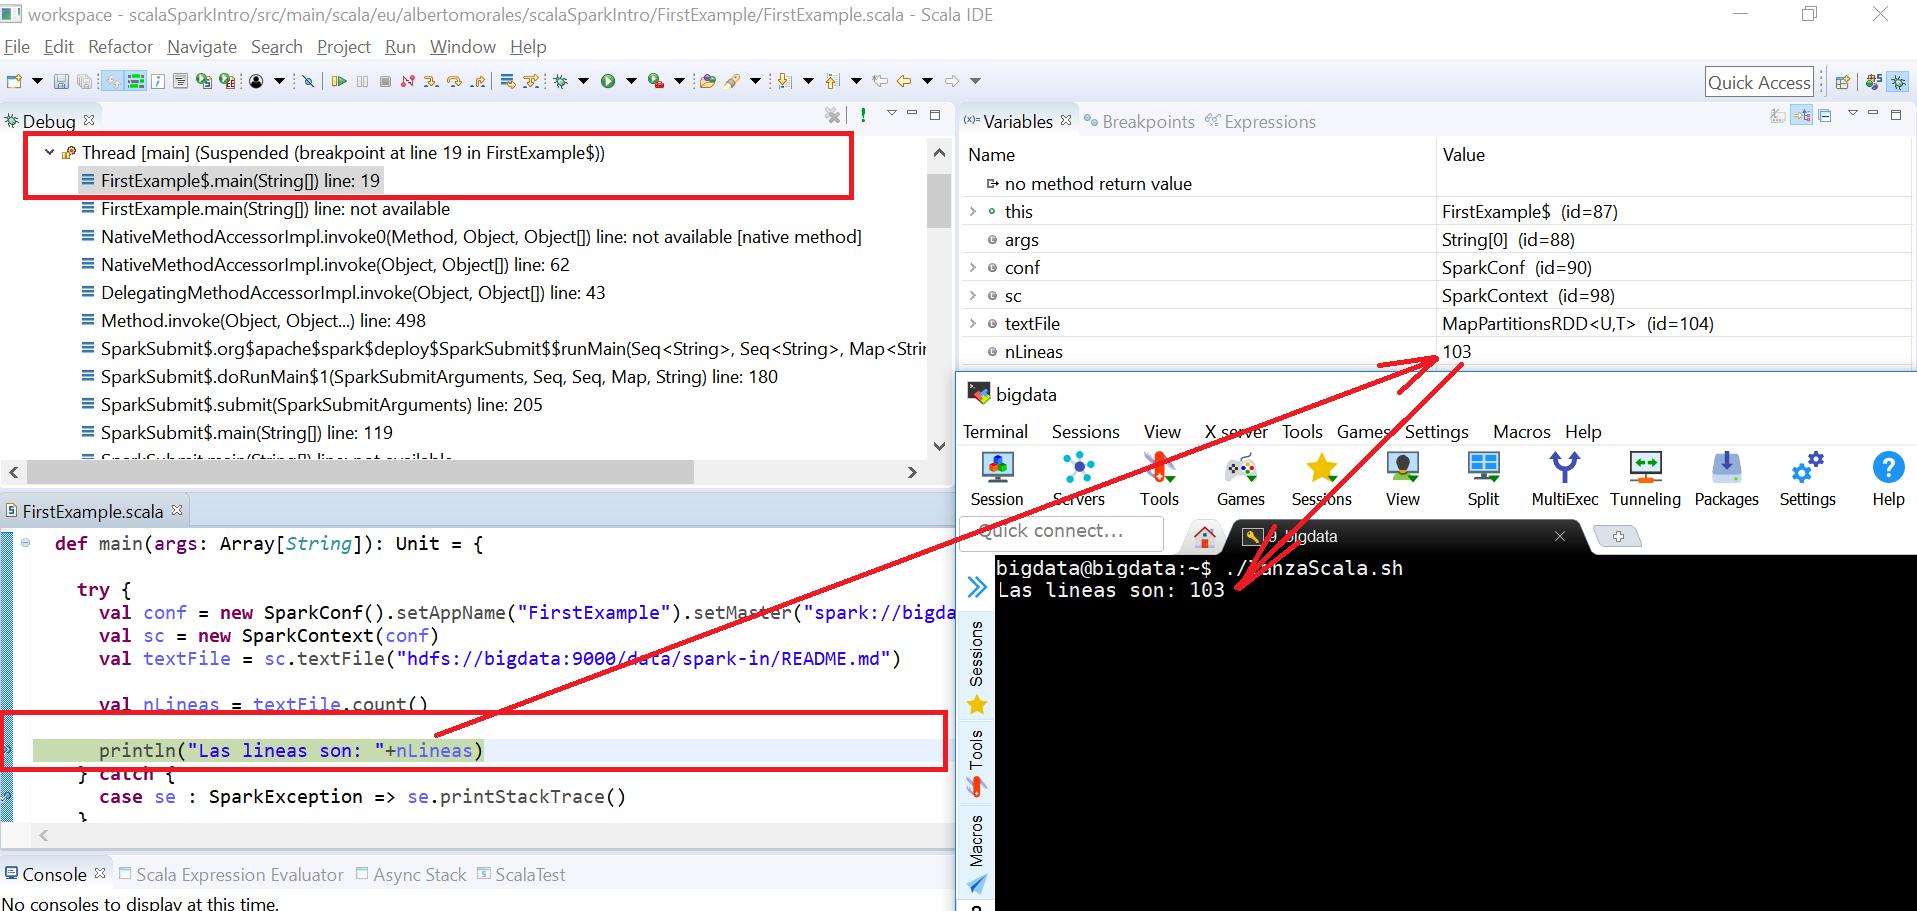 Depurando un proceso (scala) de Apache Spark desde el Scala IDE